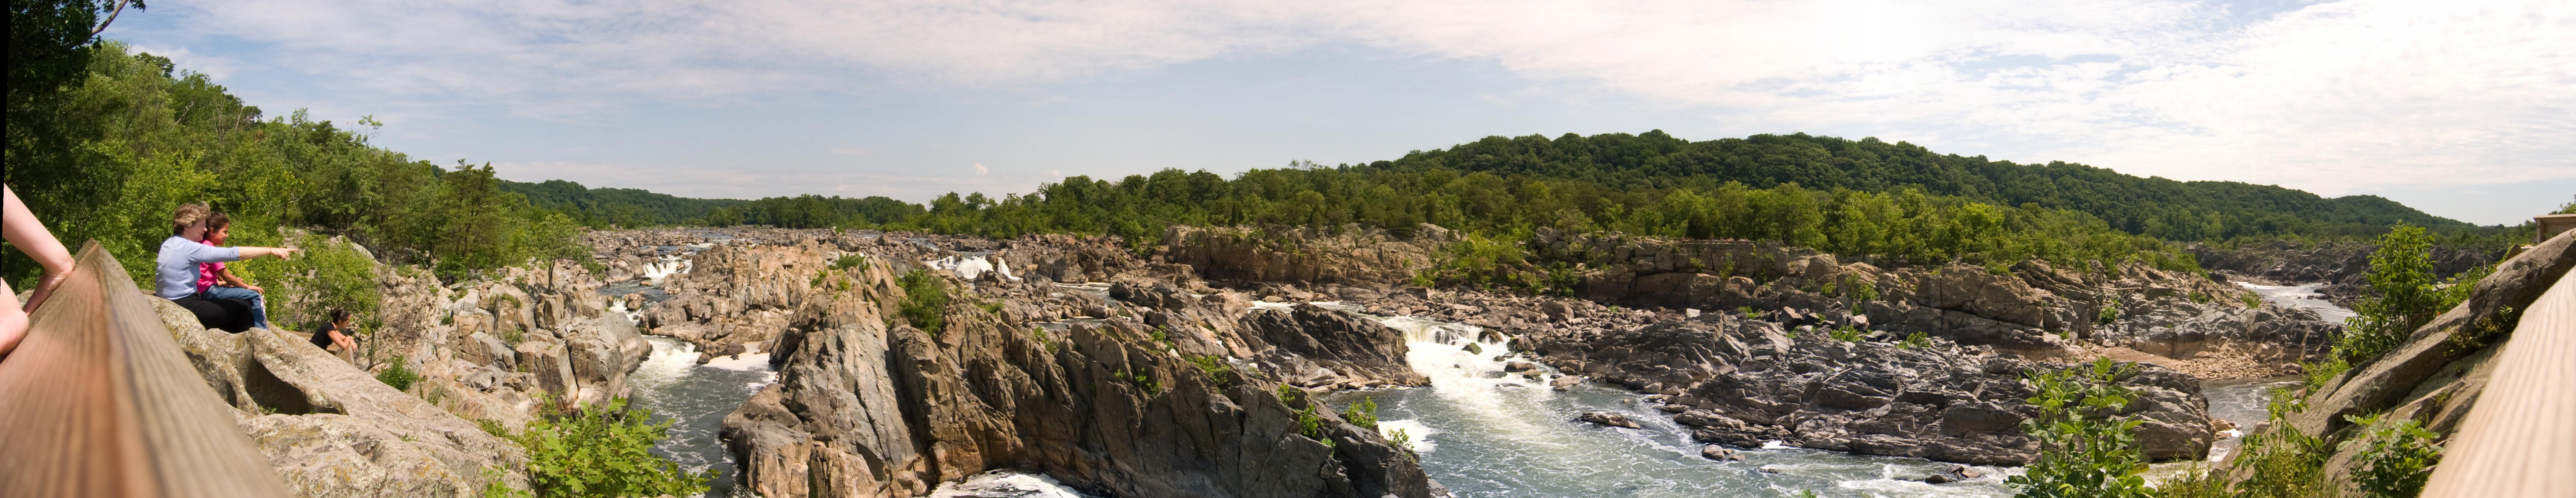 Le grandi cascate del Potomac